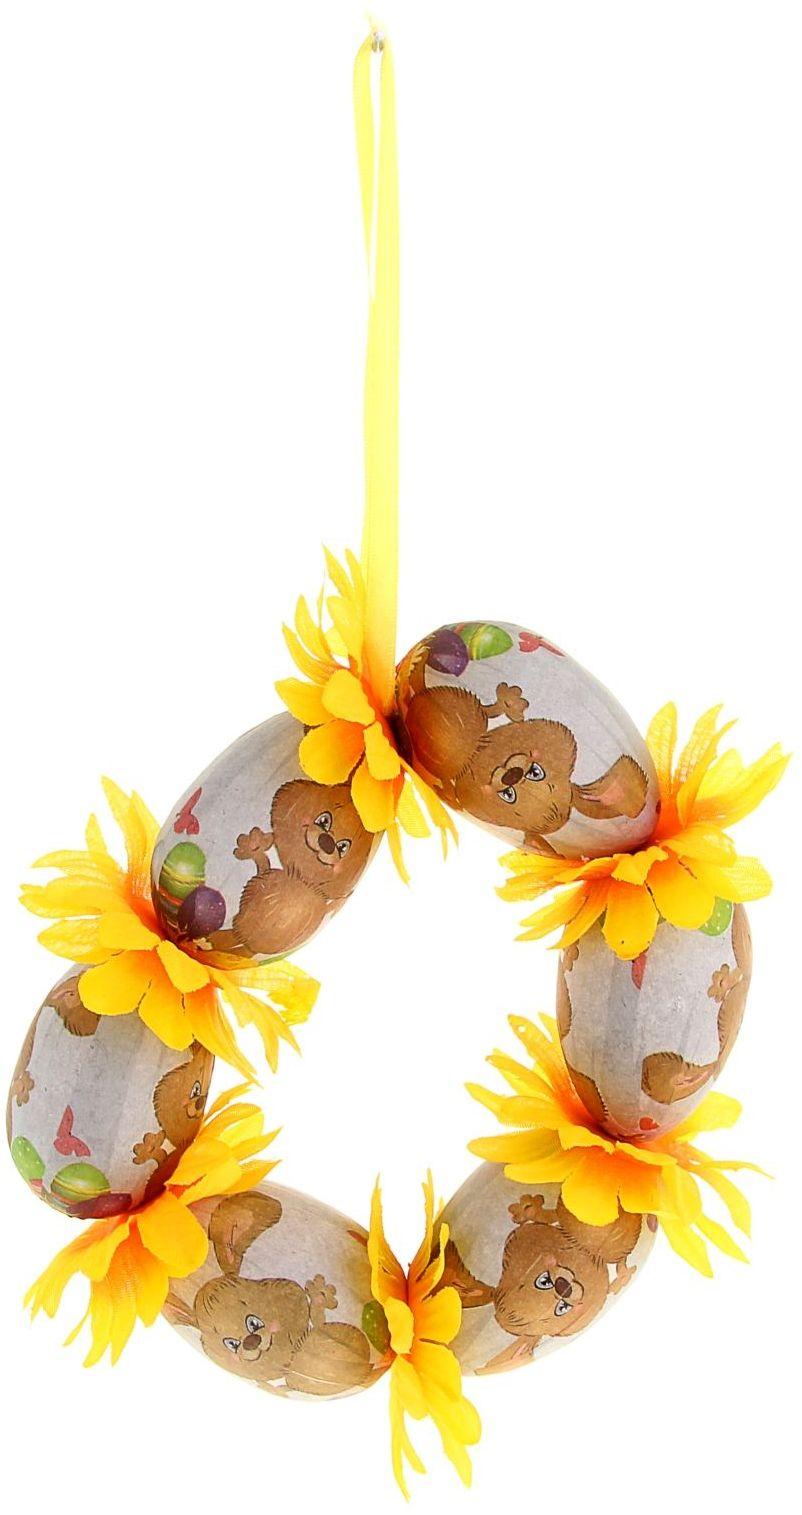 Сувенир пасхальное панно Яйцо. Зайка с ромашками, 14 см. 978286978286Пасха – весенний праздник, в это время года природа пробуждается после долгой спячки и поражает своим великолепием и красками. Данный сувенир подойдёт для украшения квартиры, офиса, магазина и т.д. С его помощью для вас открываются сотни вариантов украшения праздничного пространства либо можно использовать его в качестве подарка.